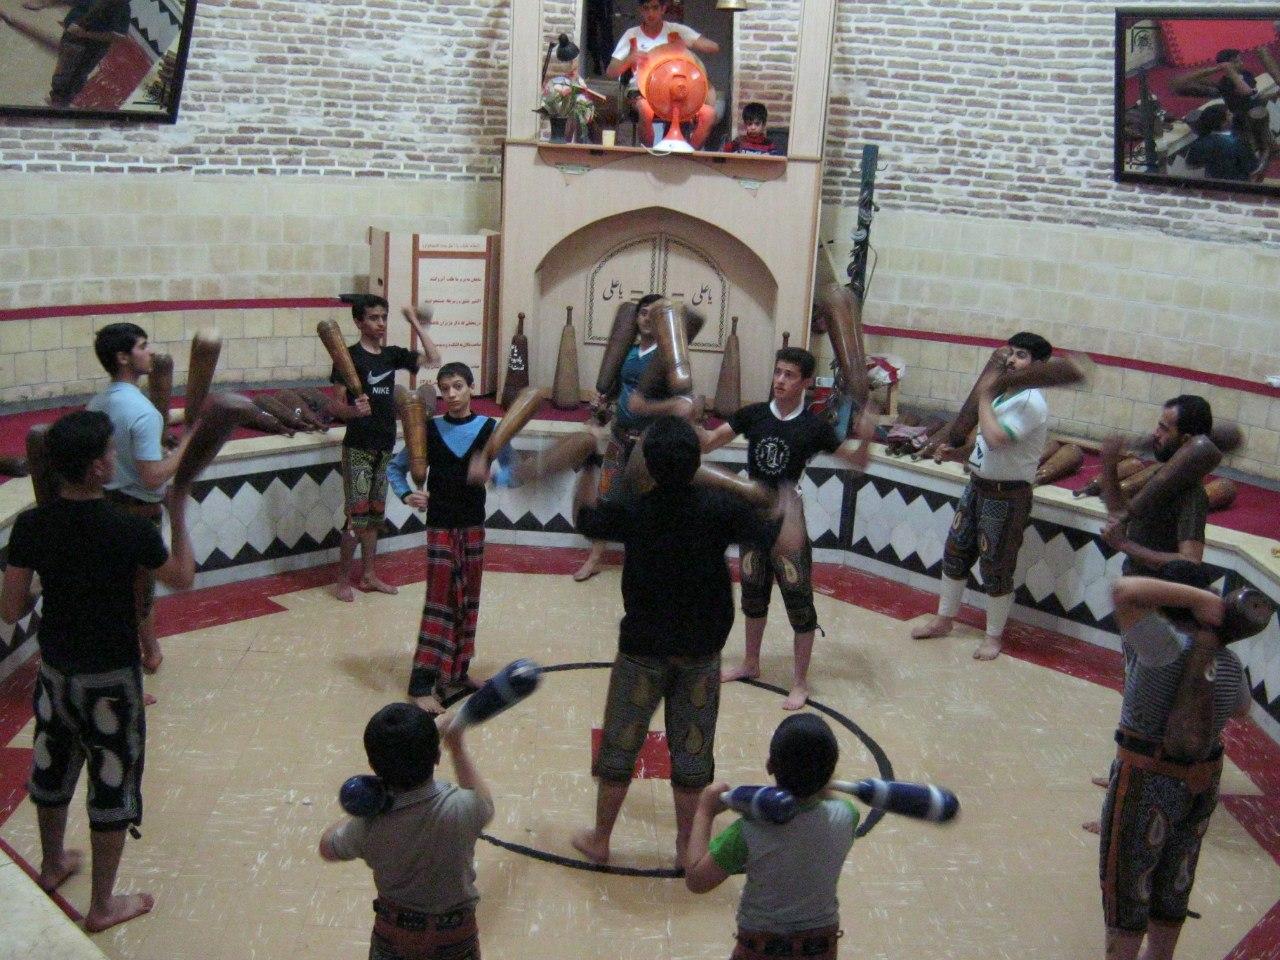 уникальный вид спорта в Язде в Иране